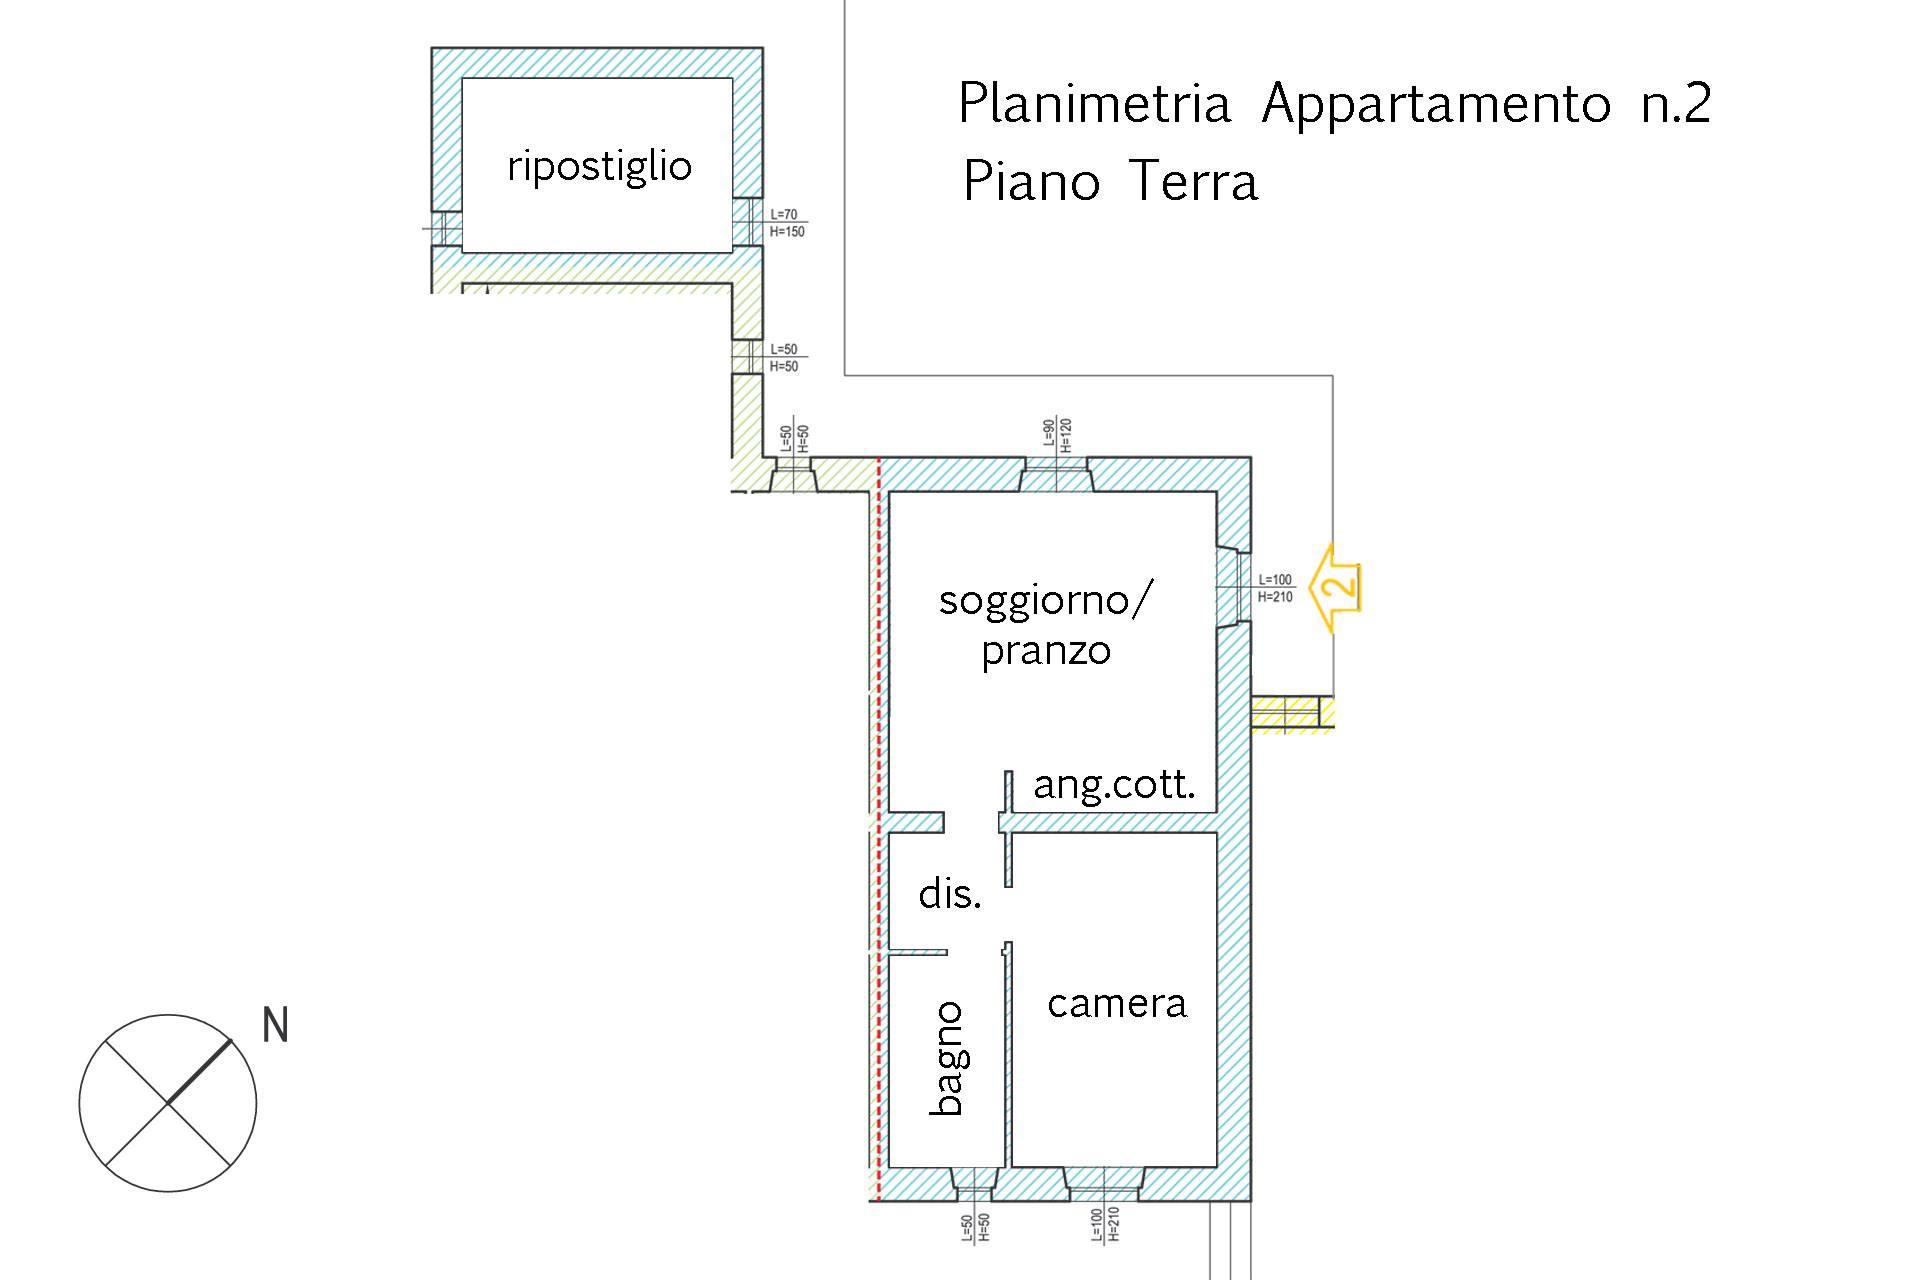 3893_planimetria